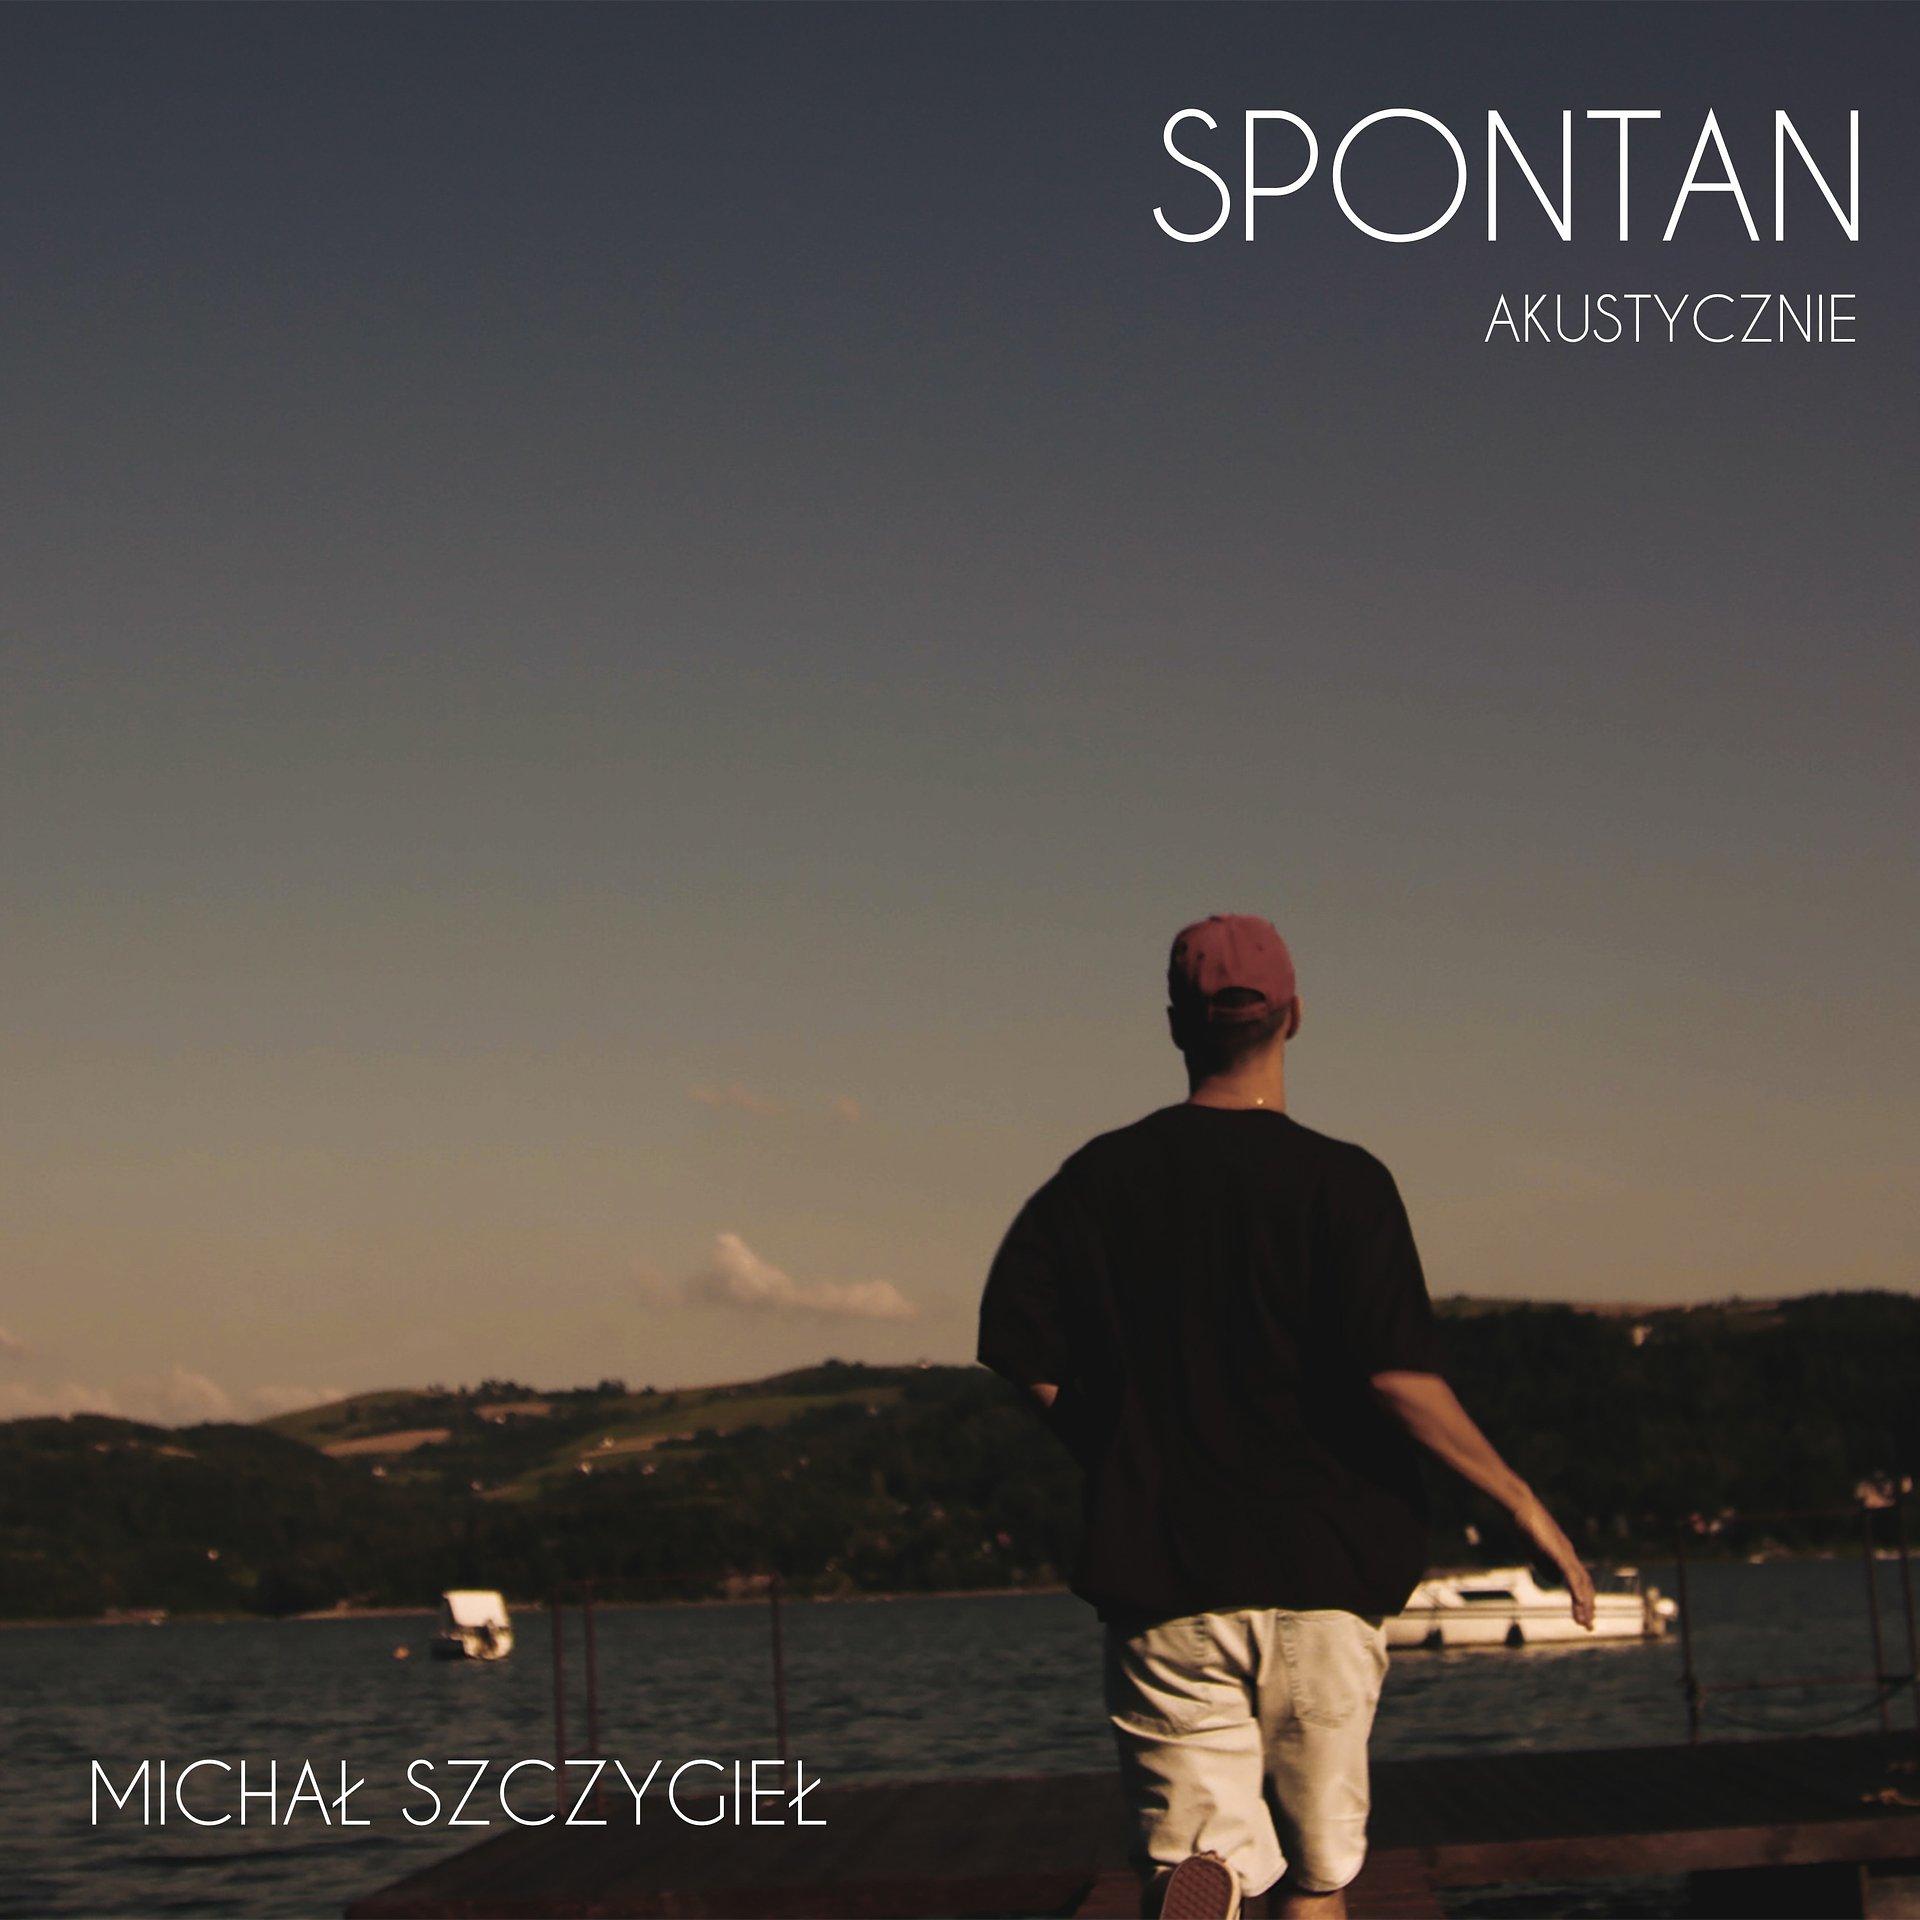 Michał Szczygieł ze spontanicznym akustykiem